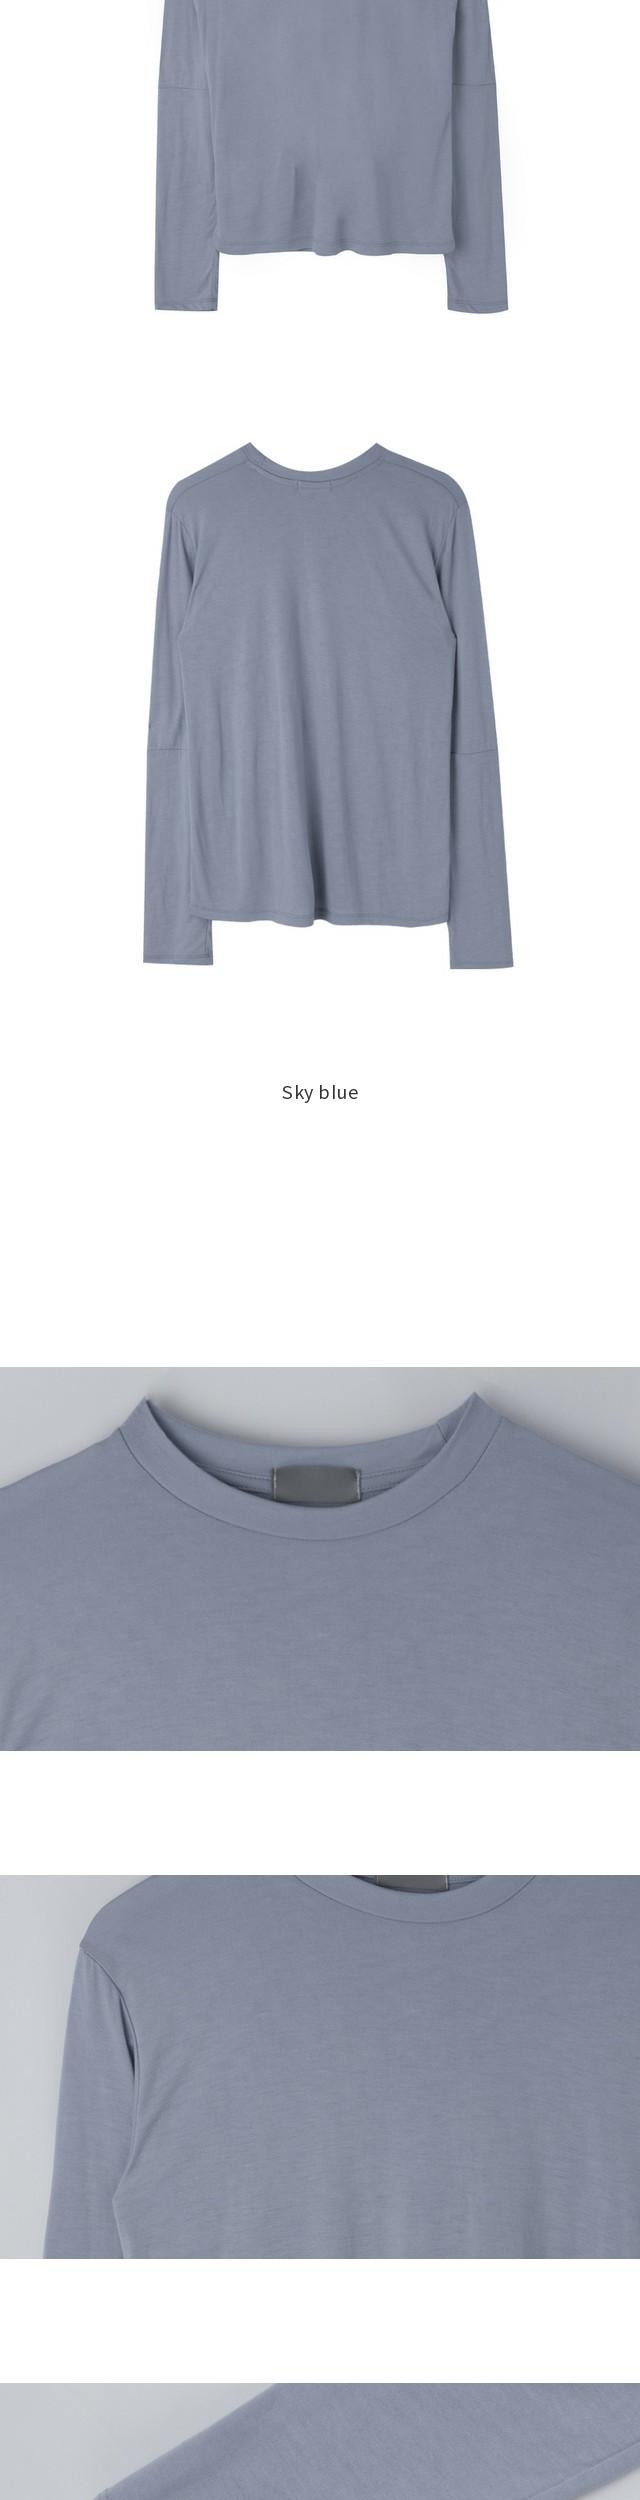 Basic incision polo shirt